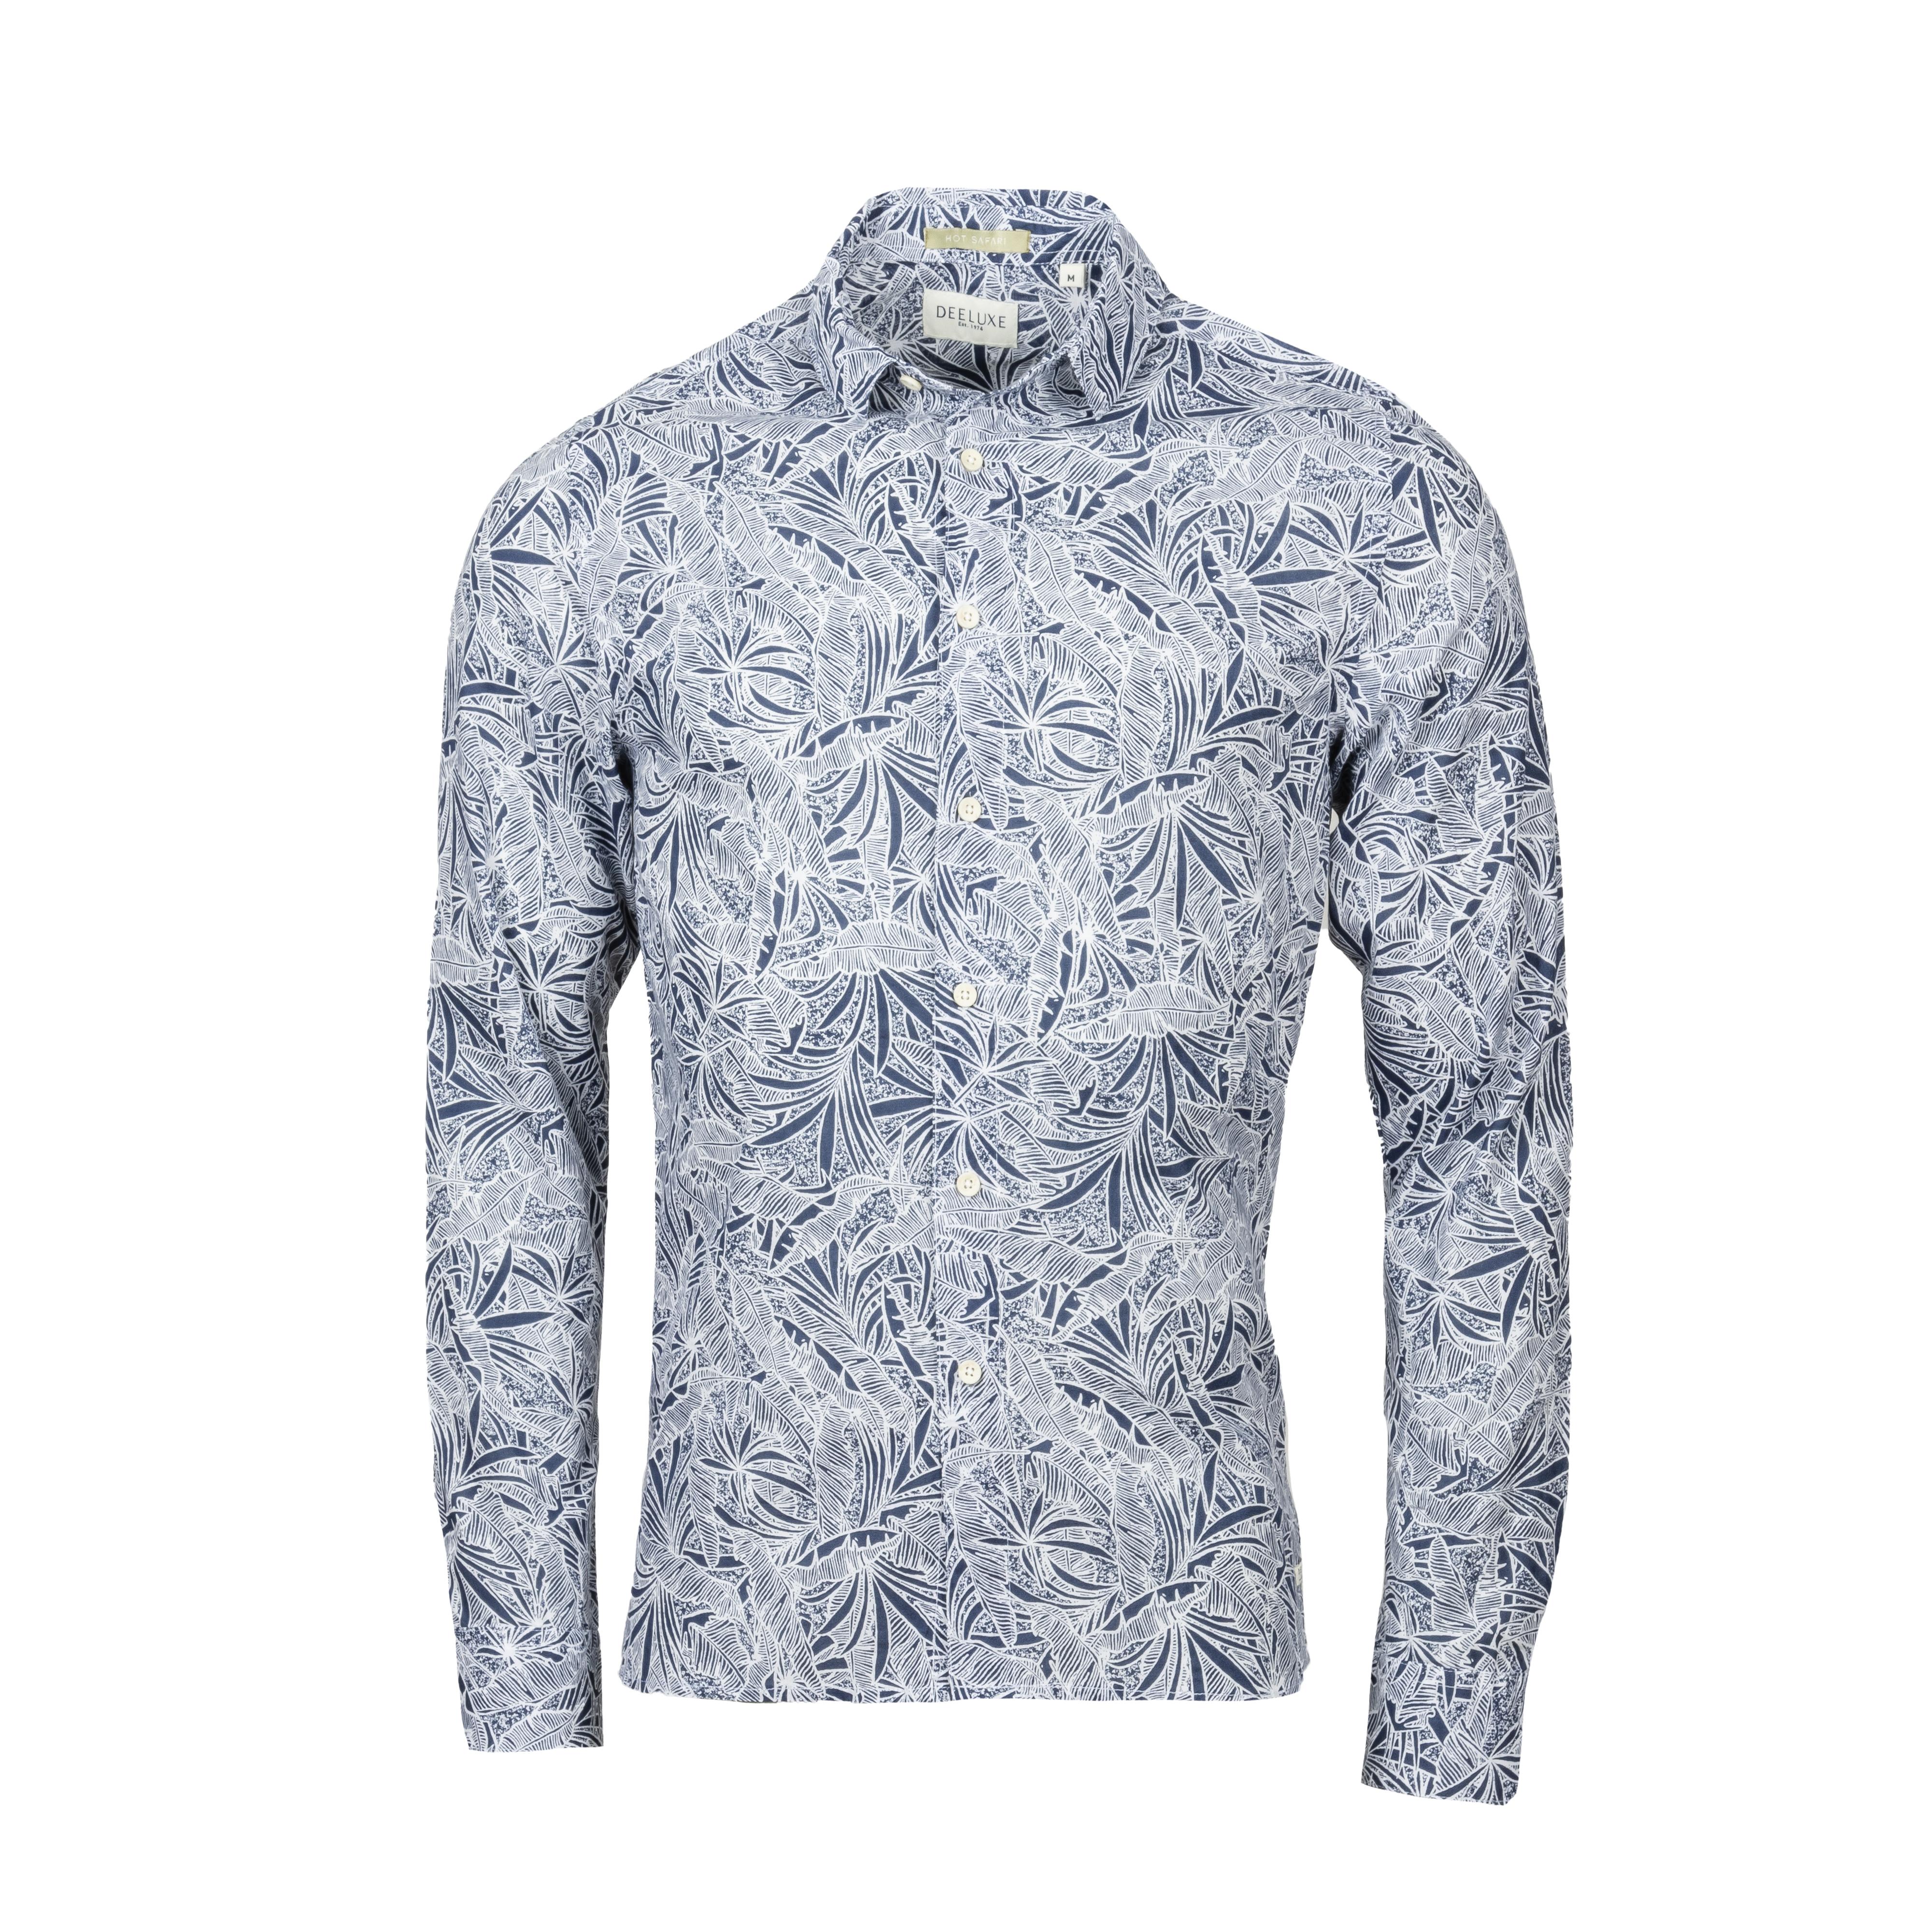 Chemise coupe ajustée deeluxe digo en coton bleu marine et blanc à motifs feuilles